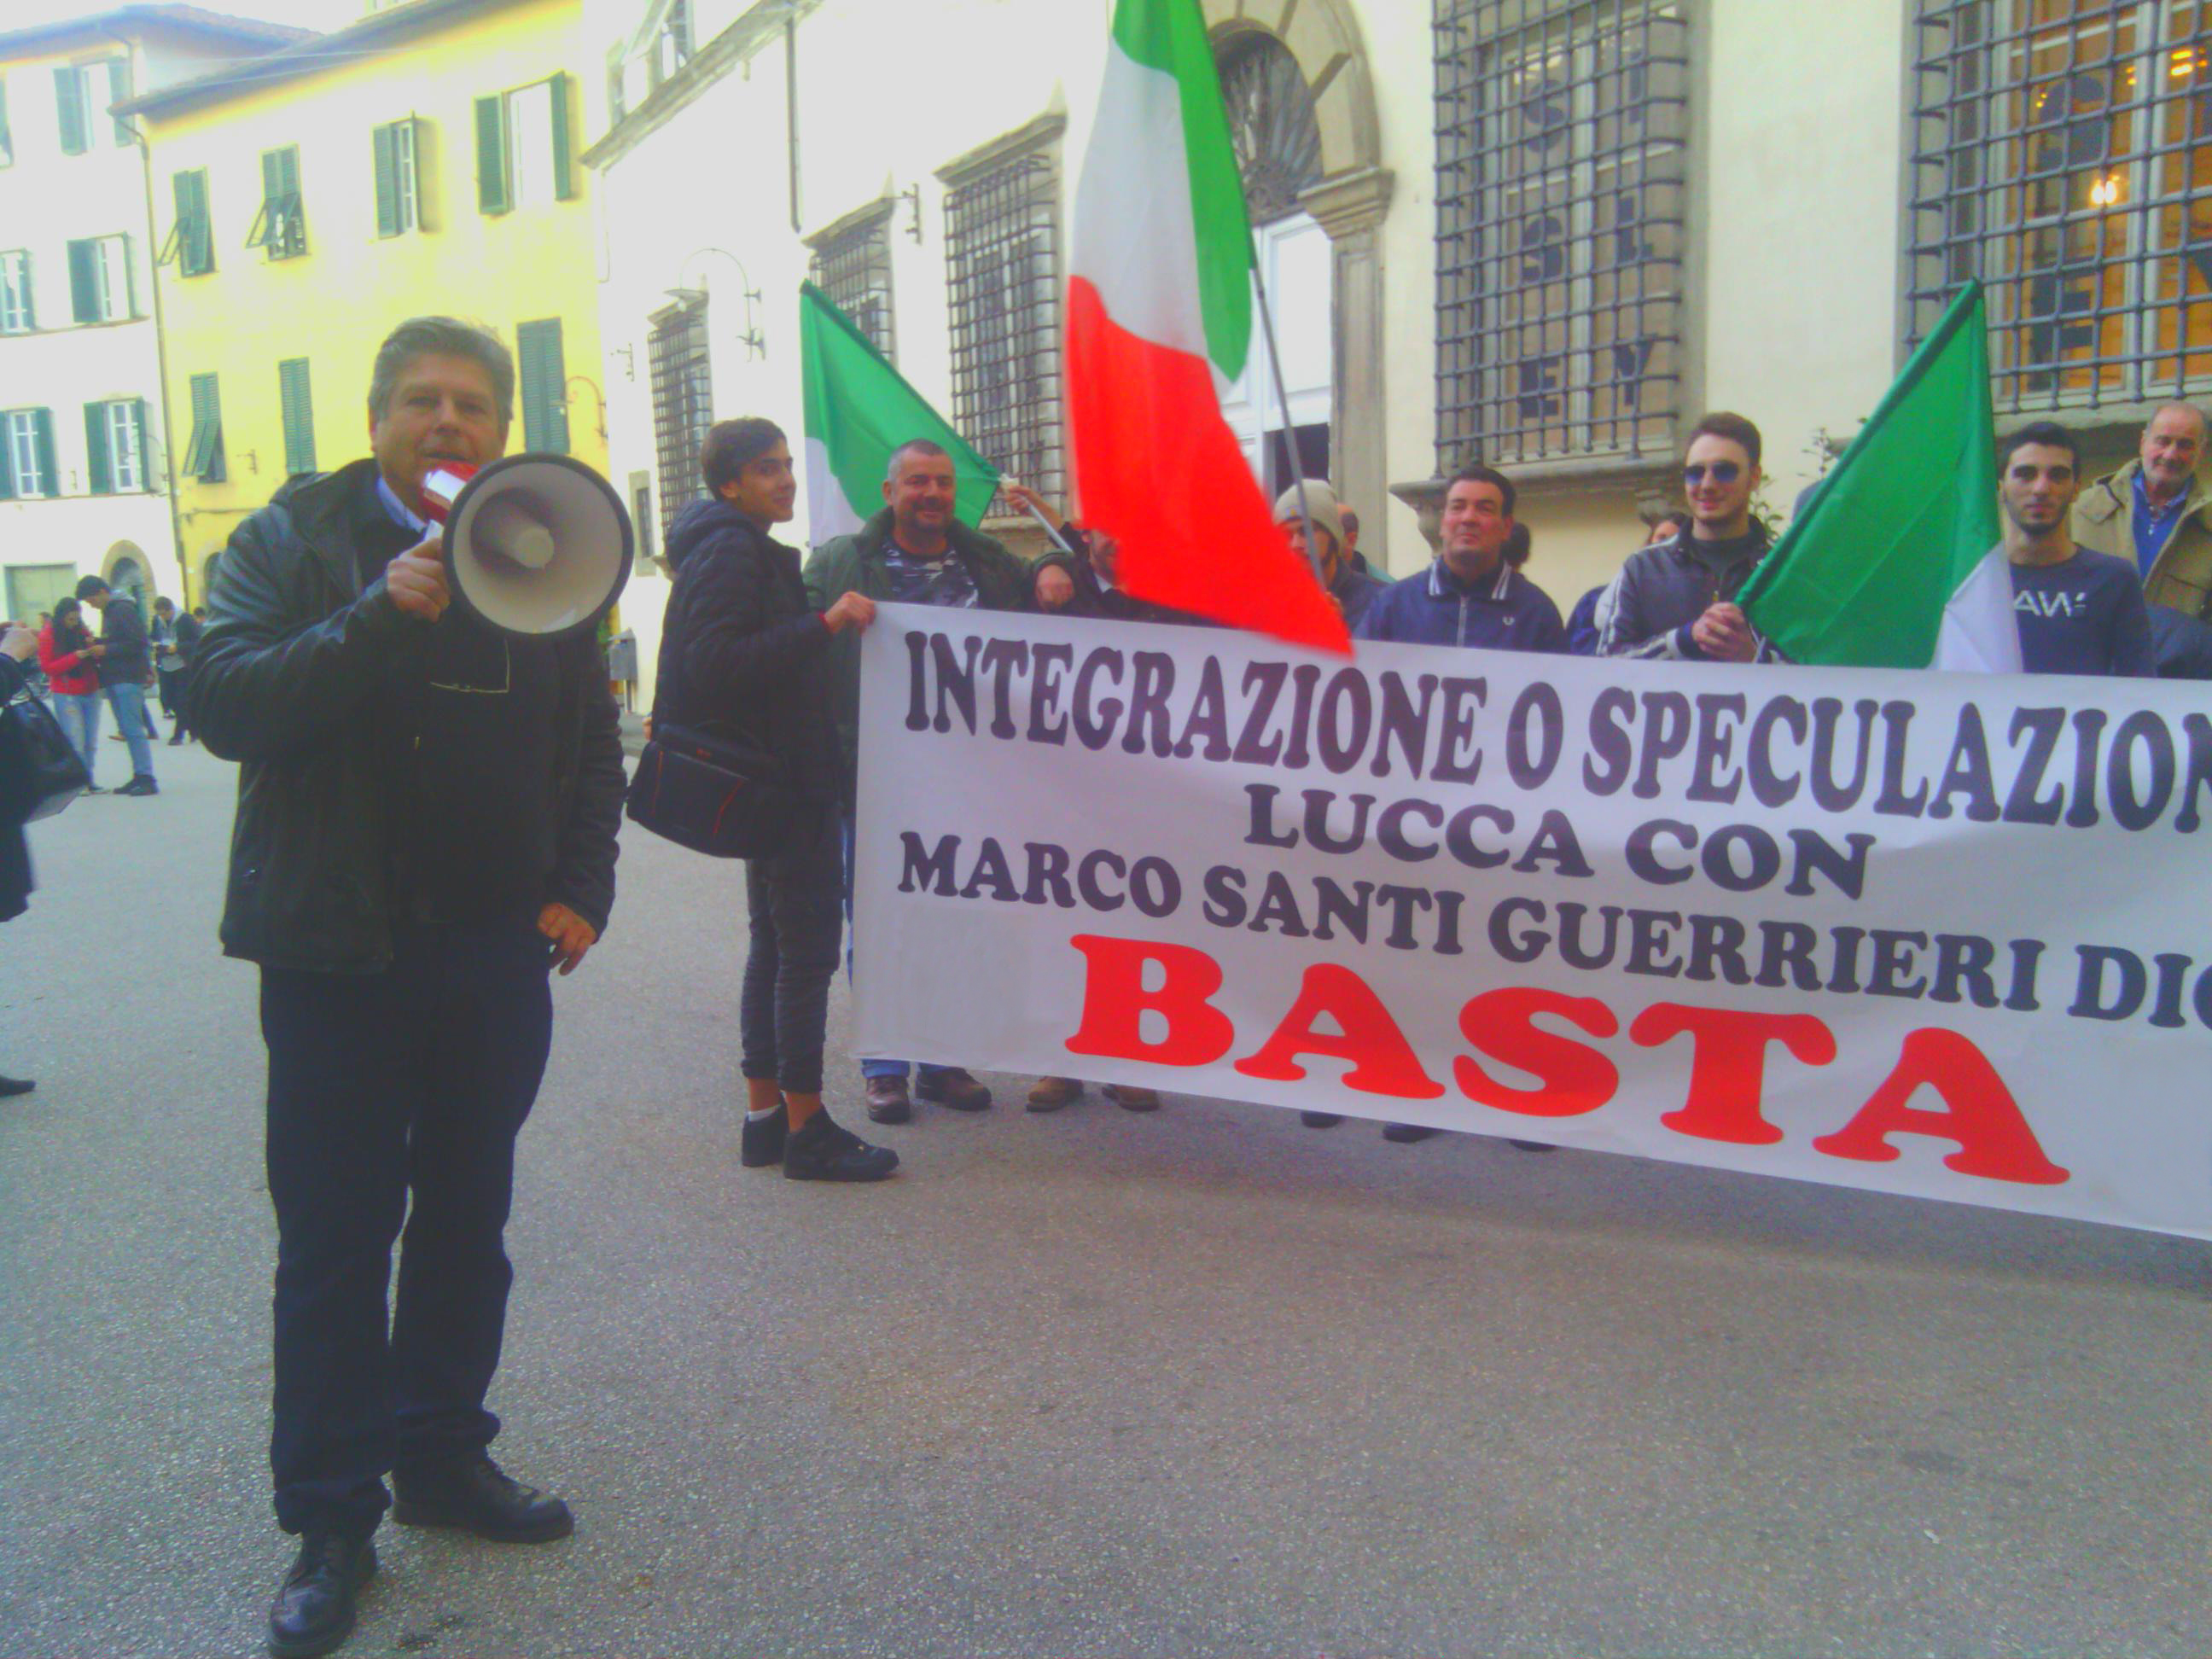 """Fancazzismo e disgraziati """"immigrazione"""" Marco Santi Guerrieri dal 2012 in prima linea"""